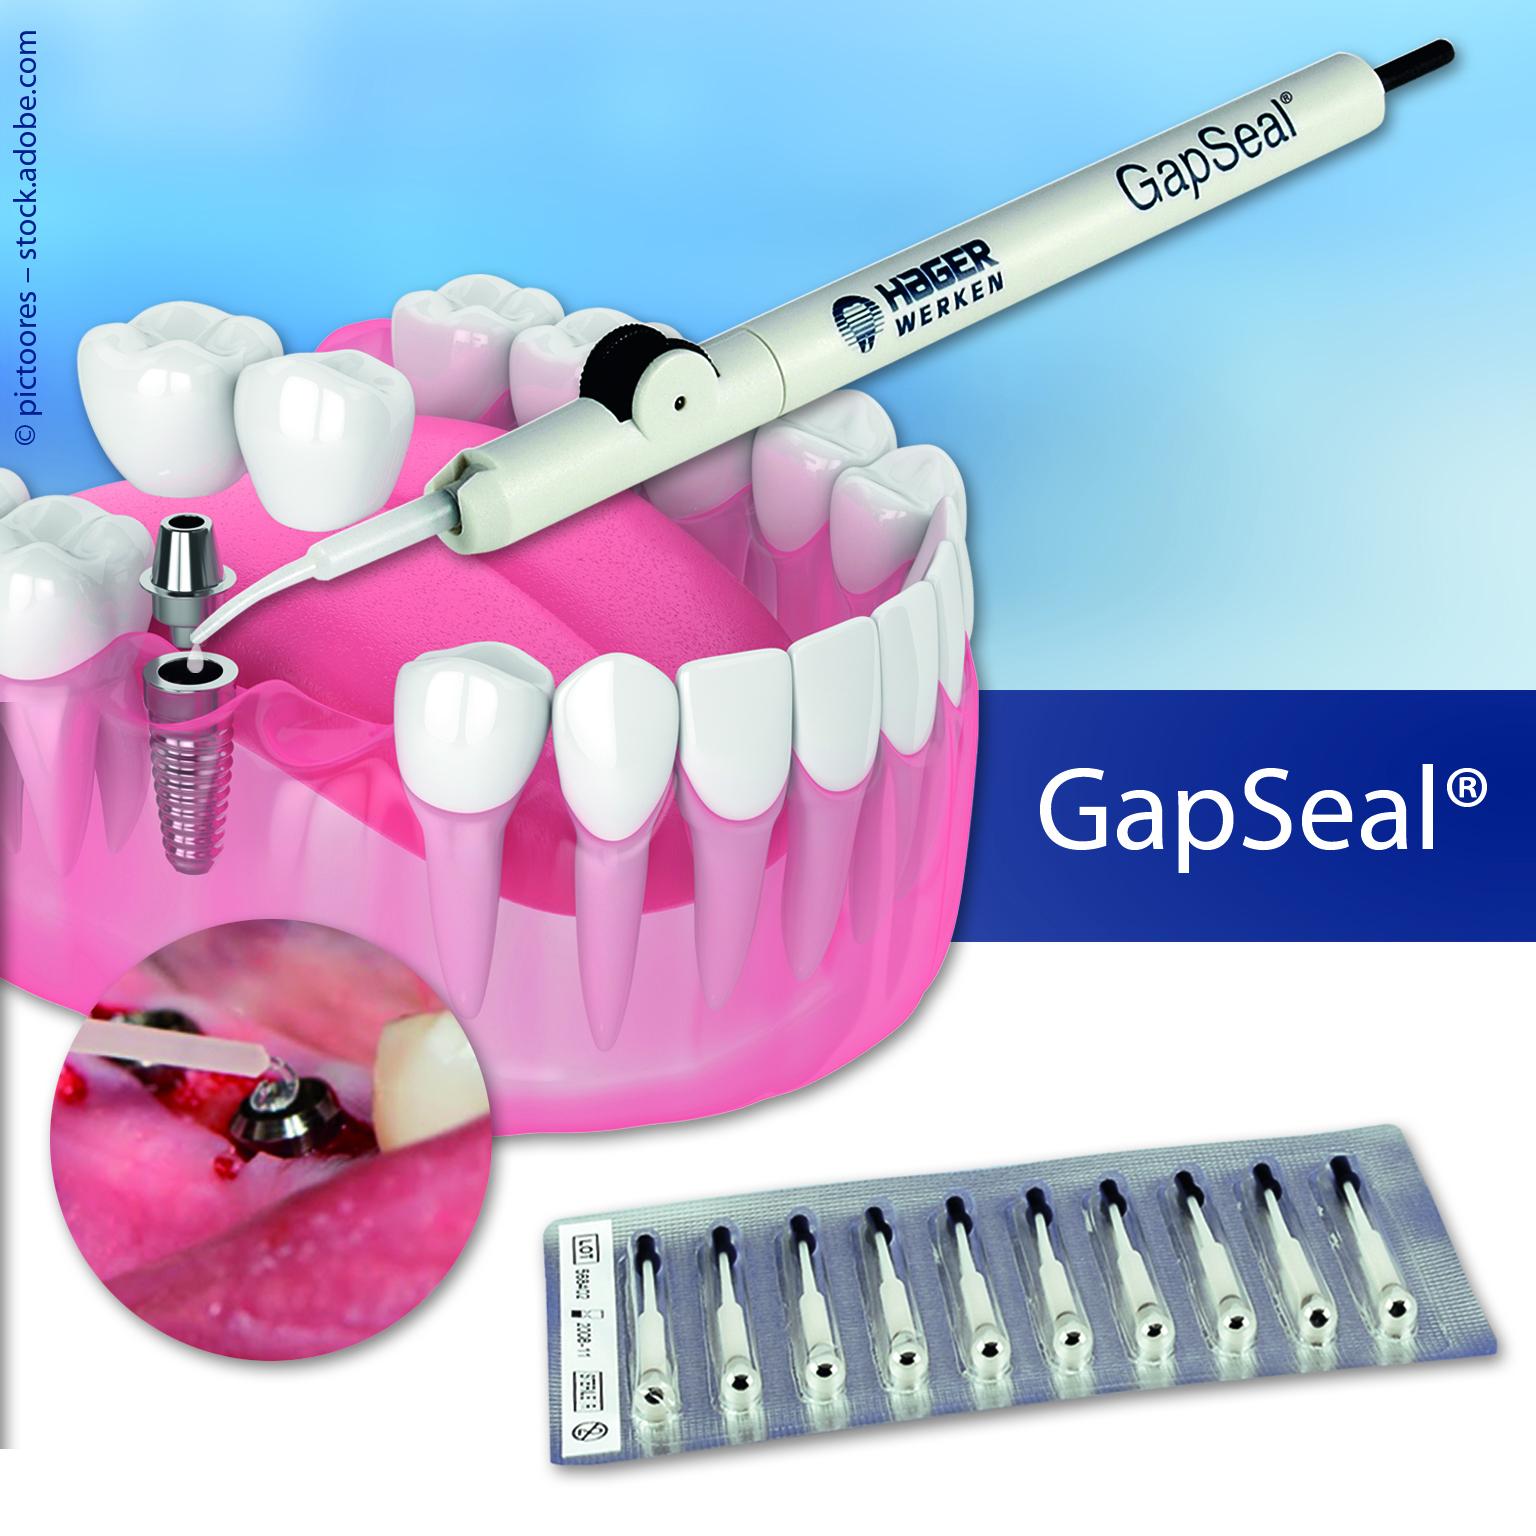 GapSeal® - Der entscheidende Beitrag gegen Periimplantitis.